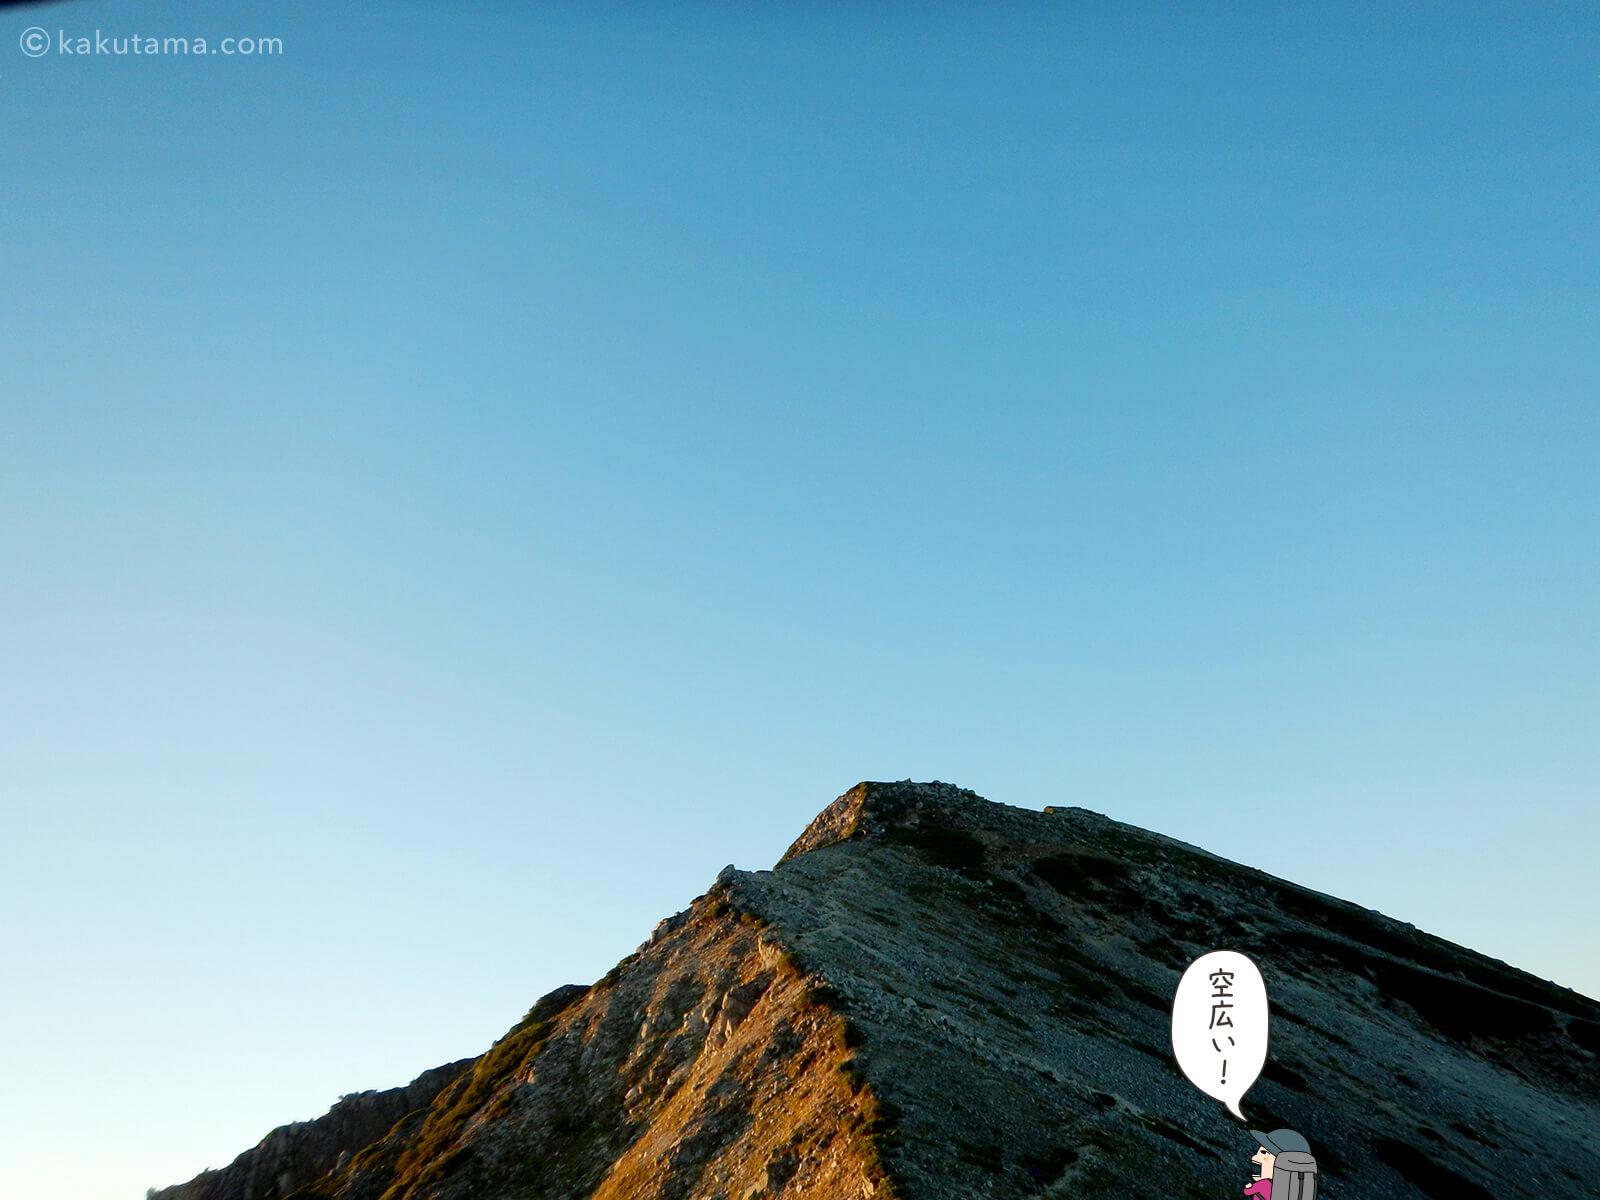 遠くに見える鷲羽岳山頂